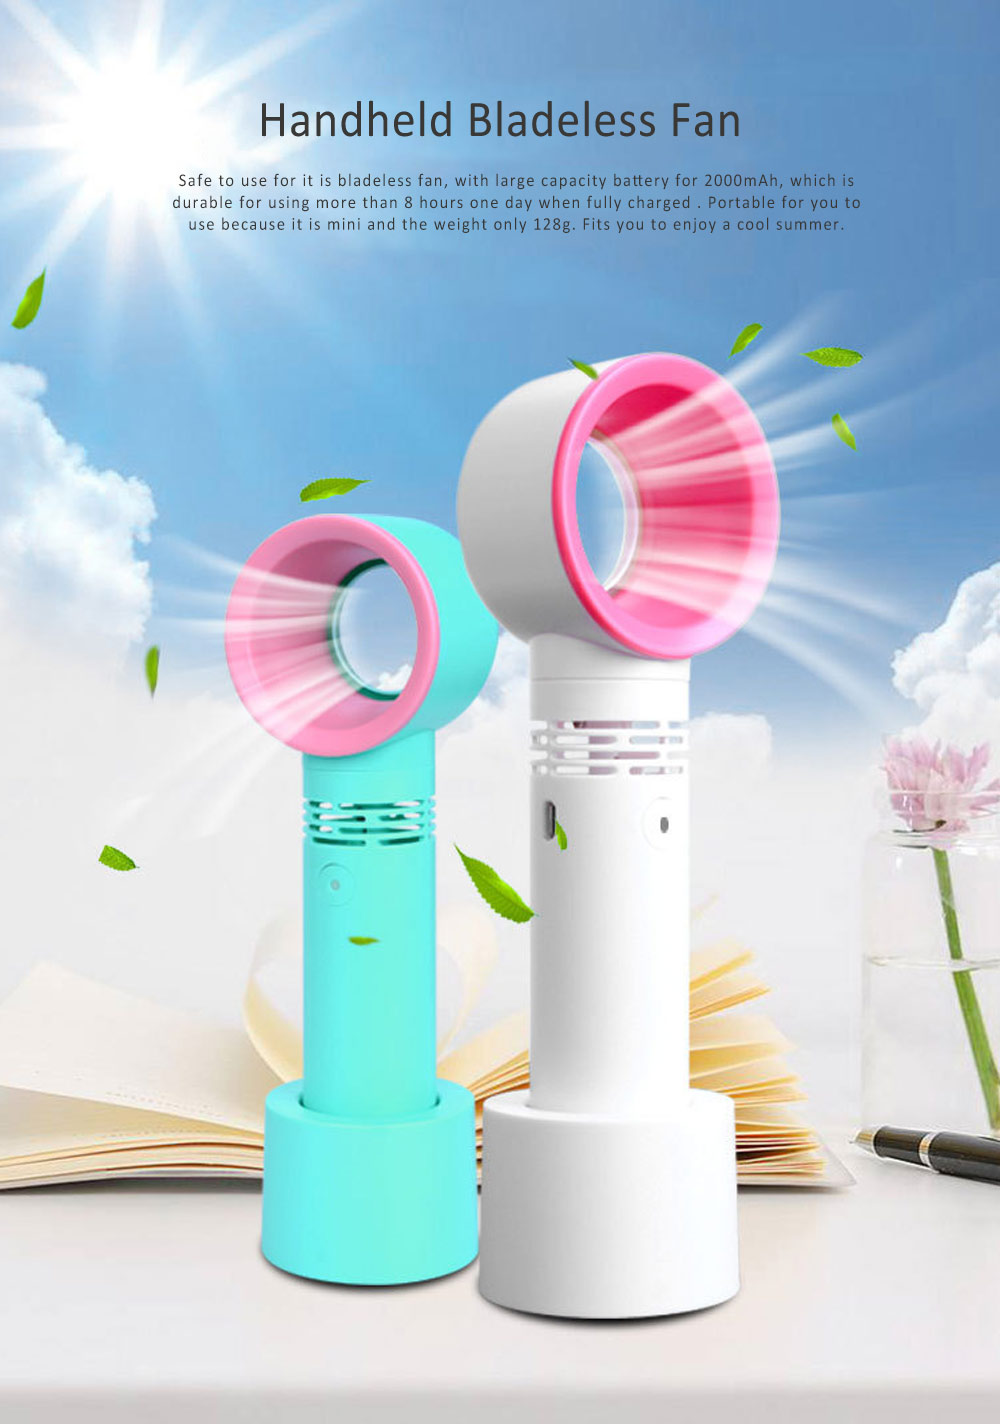 USB Bladeless Fan Portable Handheld Mini Noiseless Fan, Useful for Office, Dormitory, Children Chargeable Bladeless Fan 0